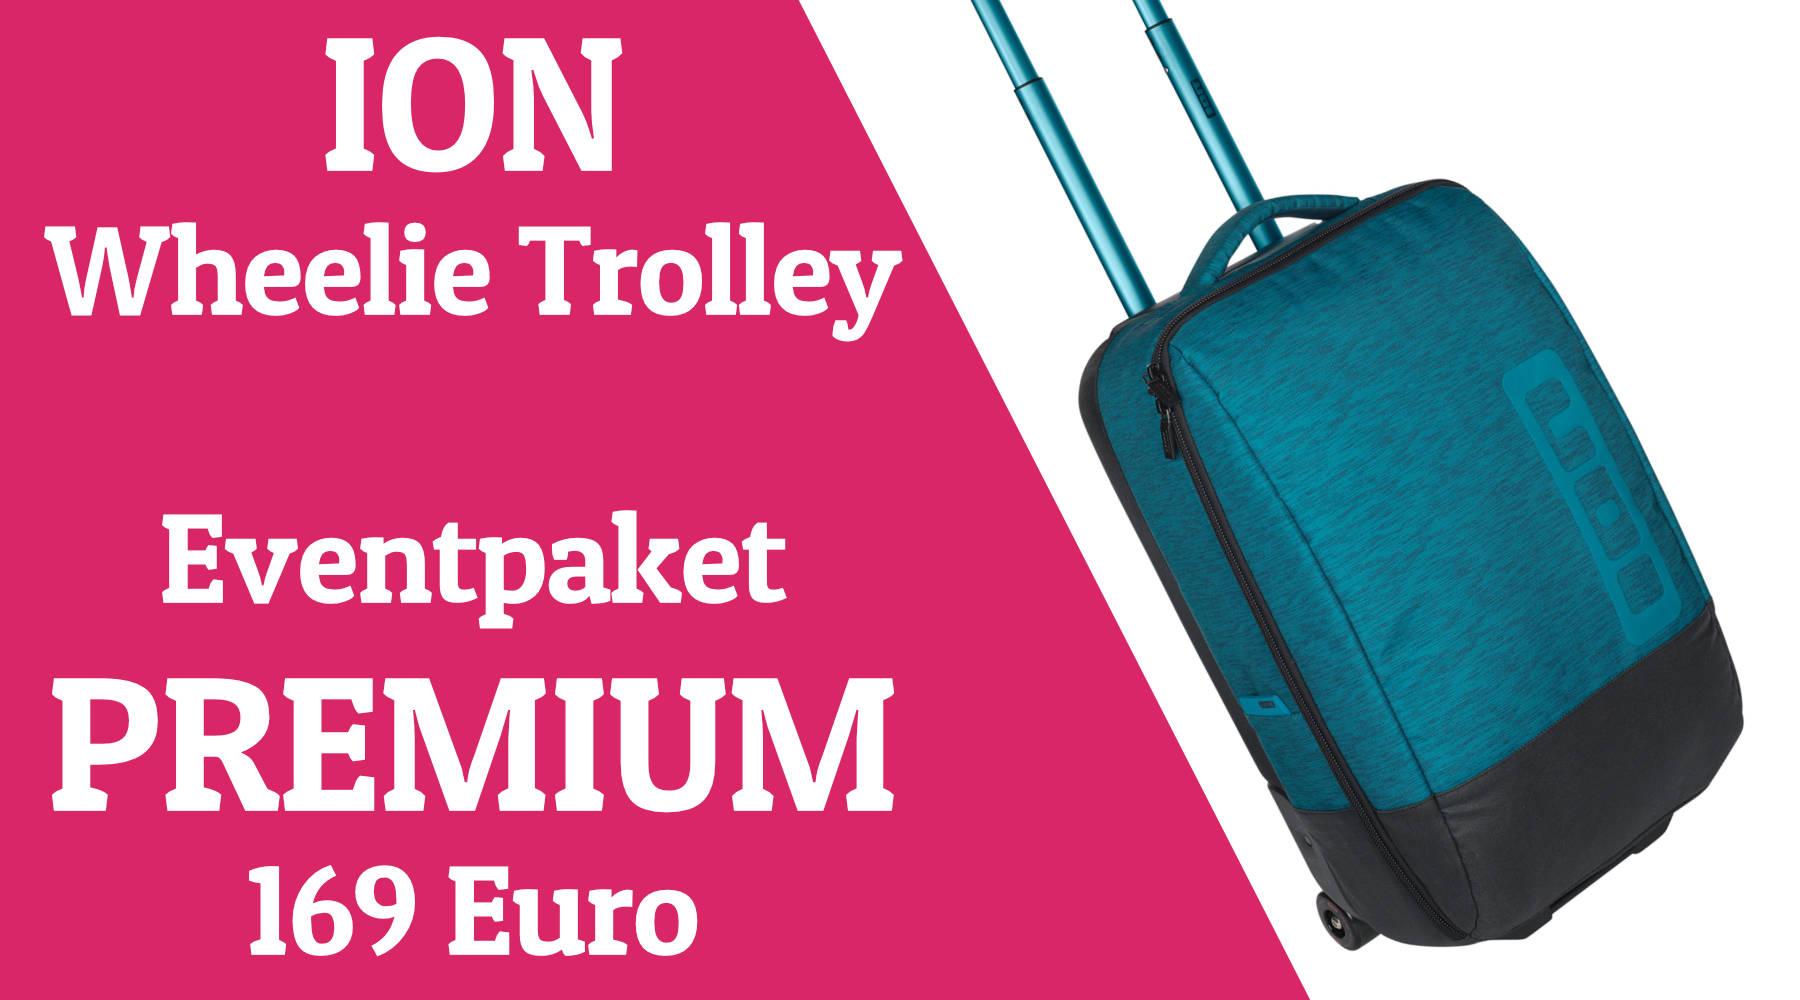 ION-Wheelie-Trolley-premium